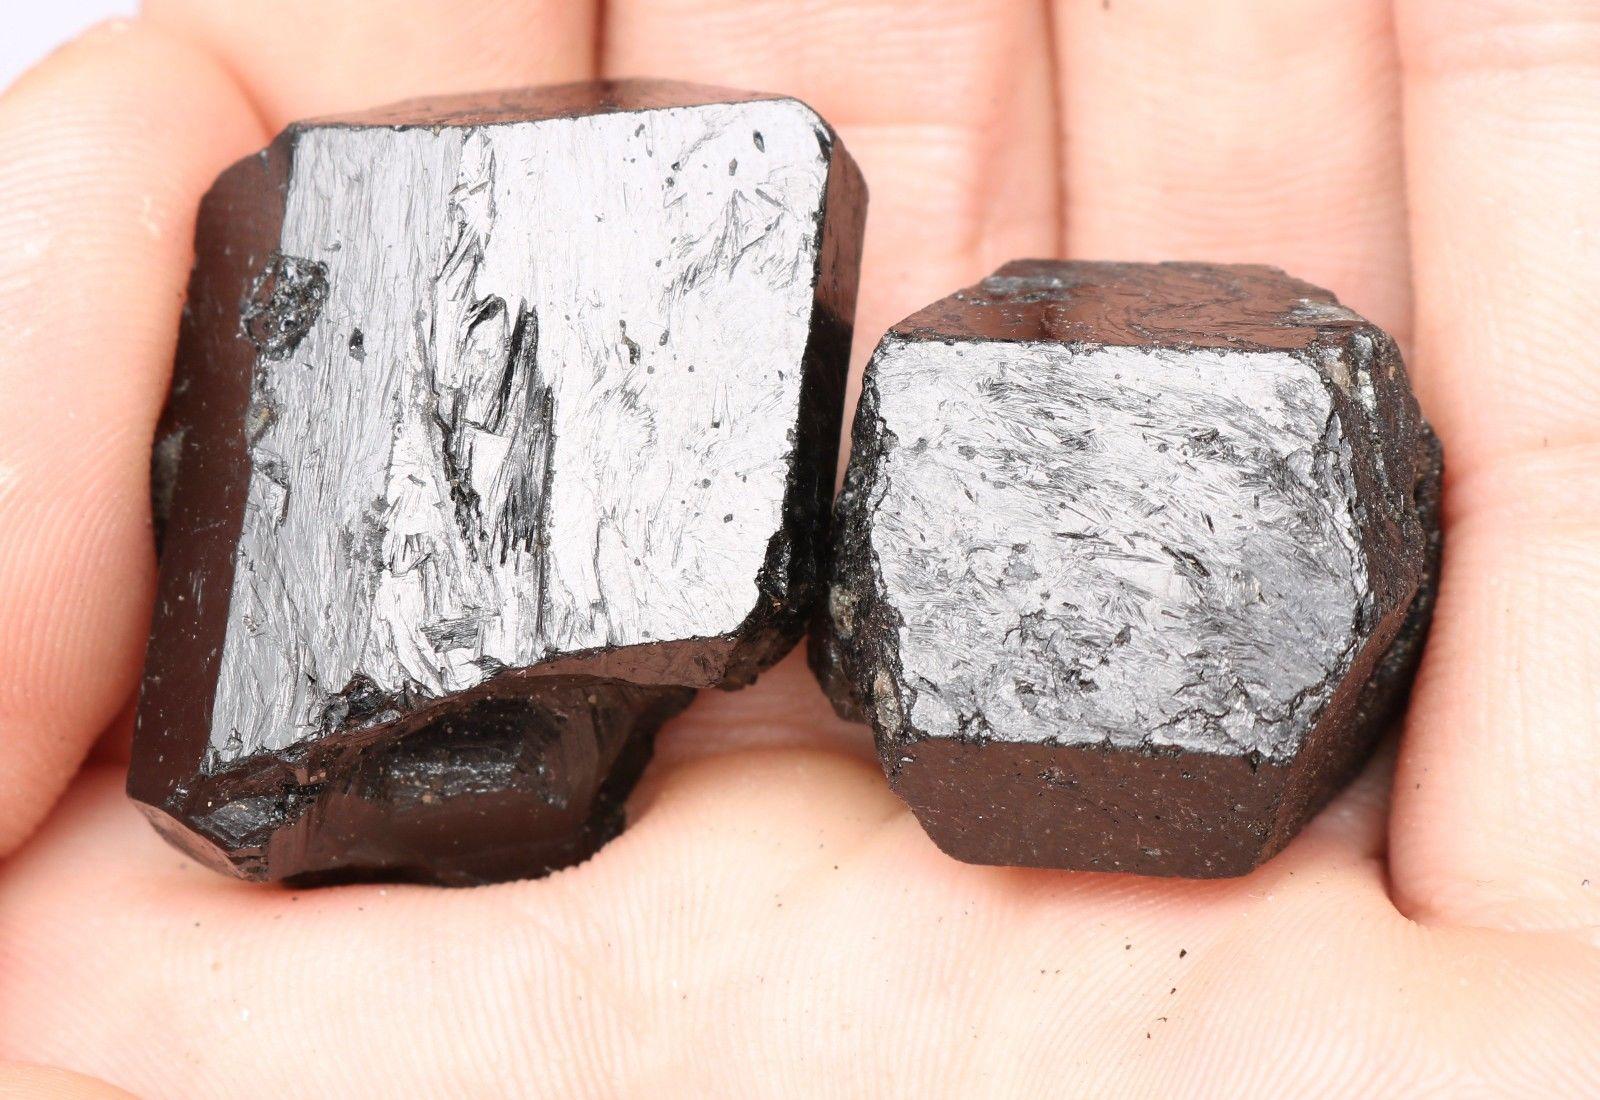 טורמלין שחור גלם משובח משקל: 22 גרם